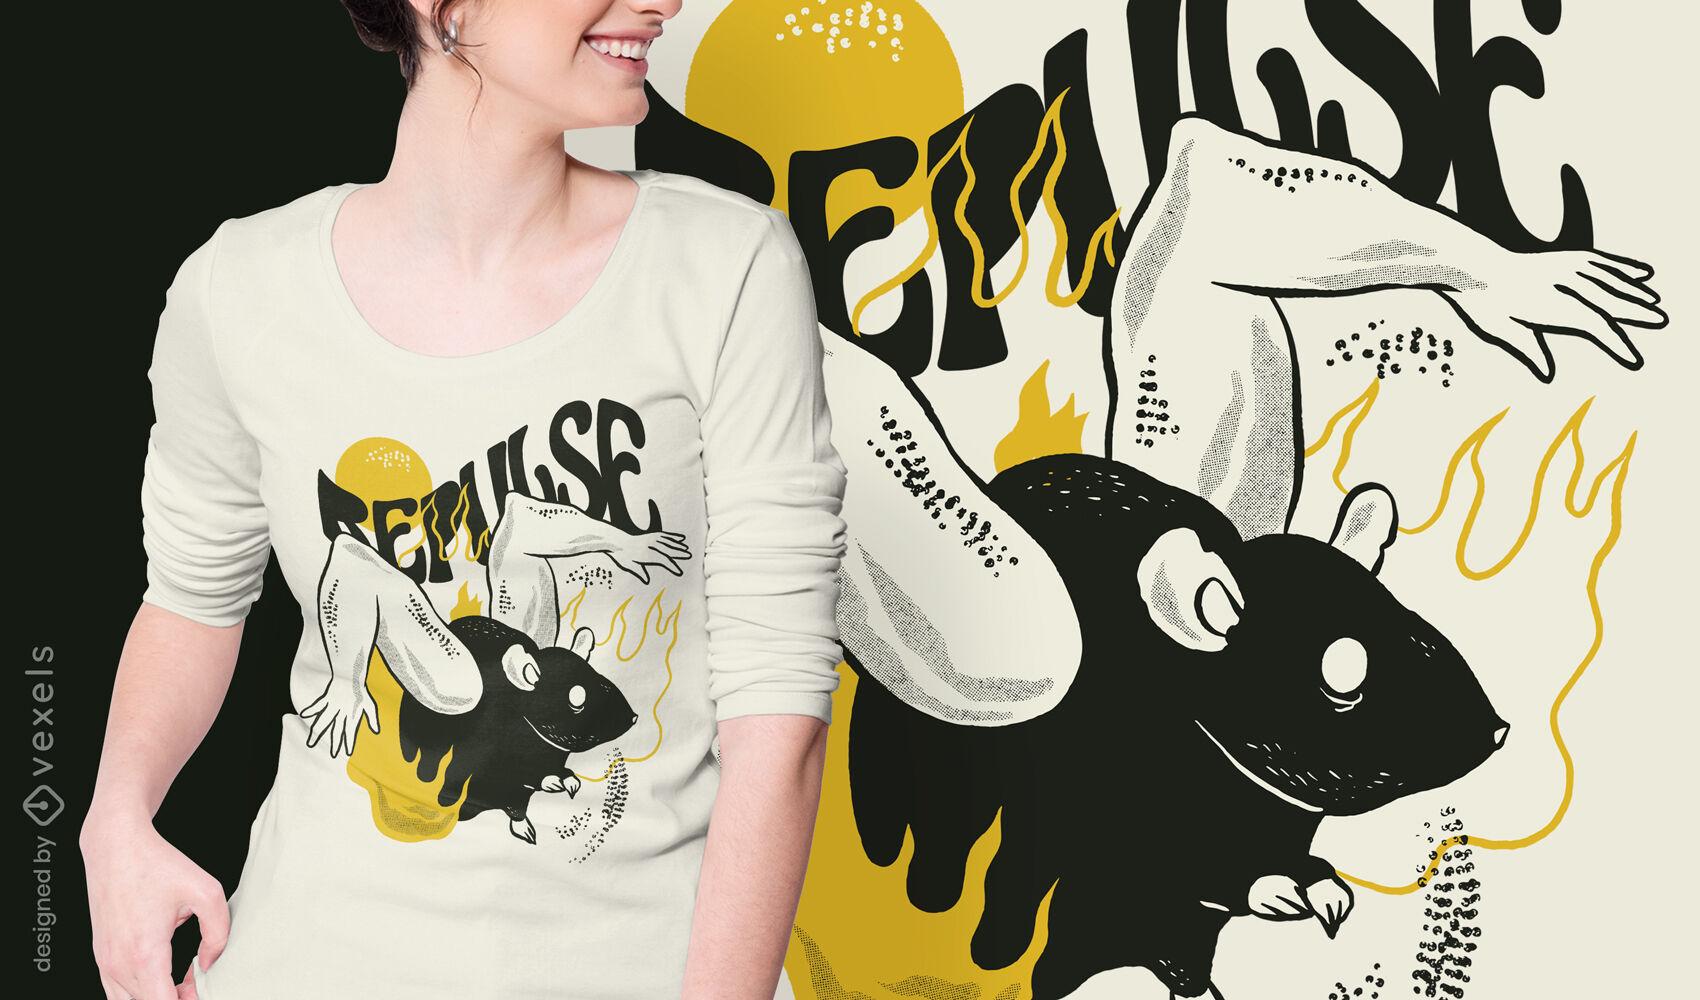 Bizarre rat body animal t-shirt design